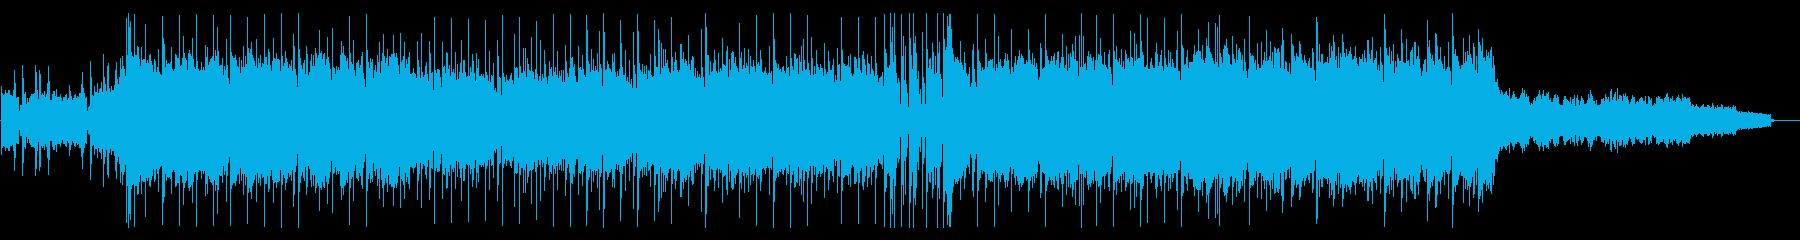 スタイリッシュなHIPHOPエレクトロの再生済みの波形